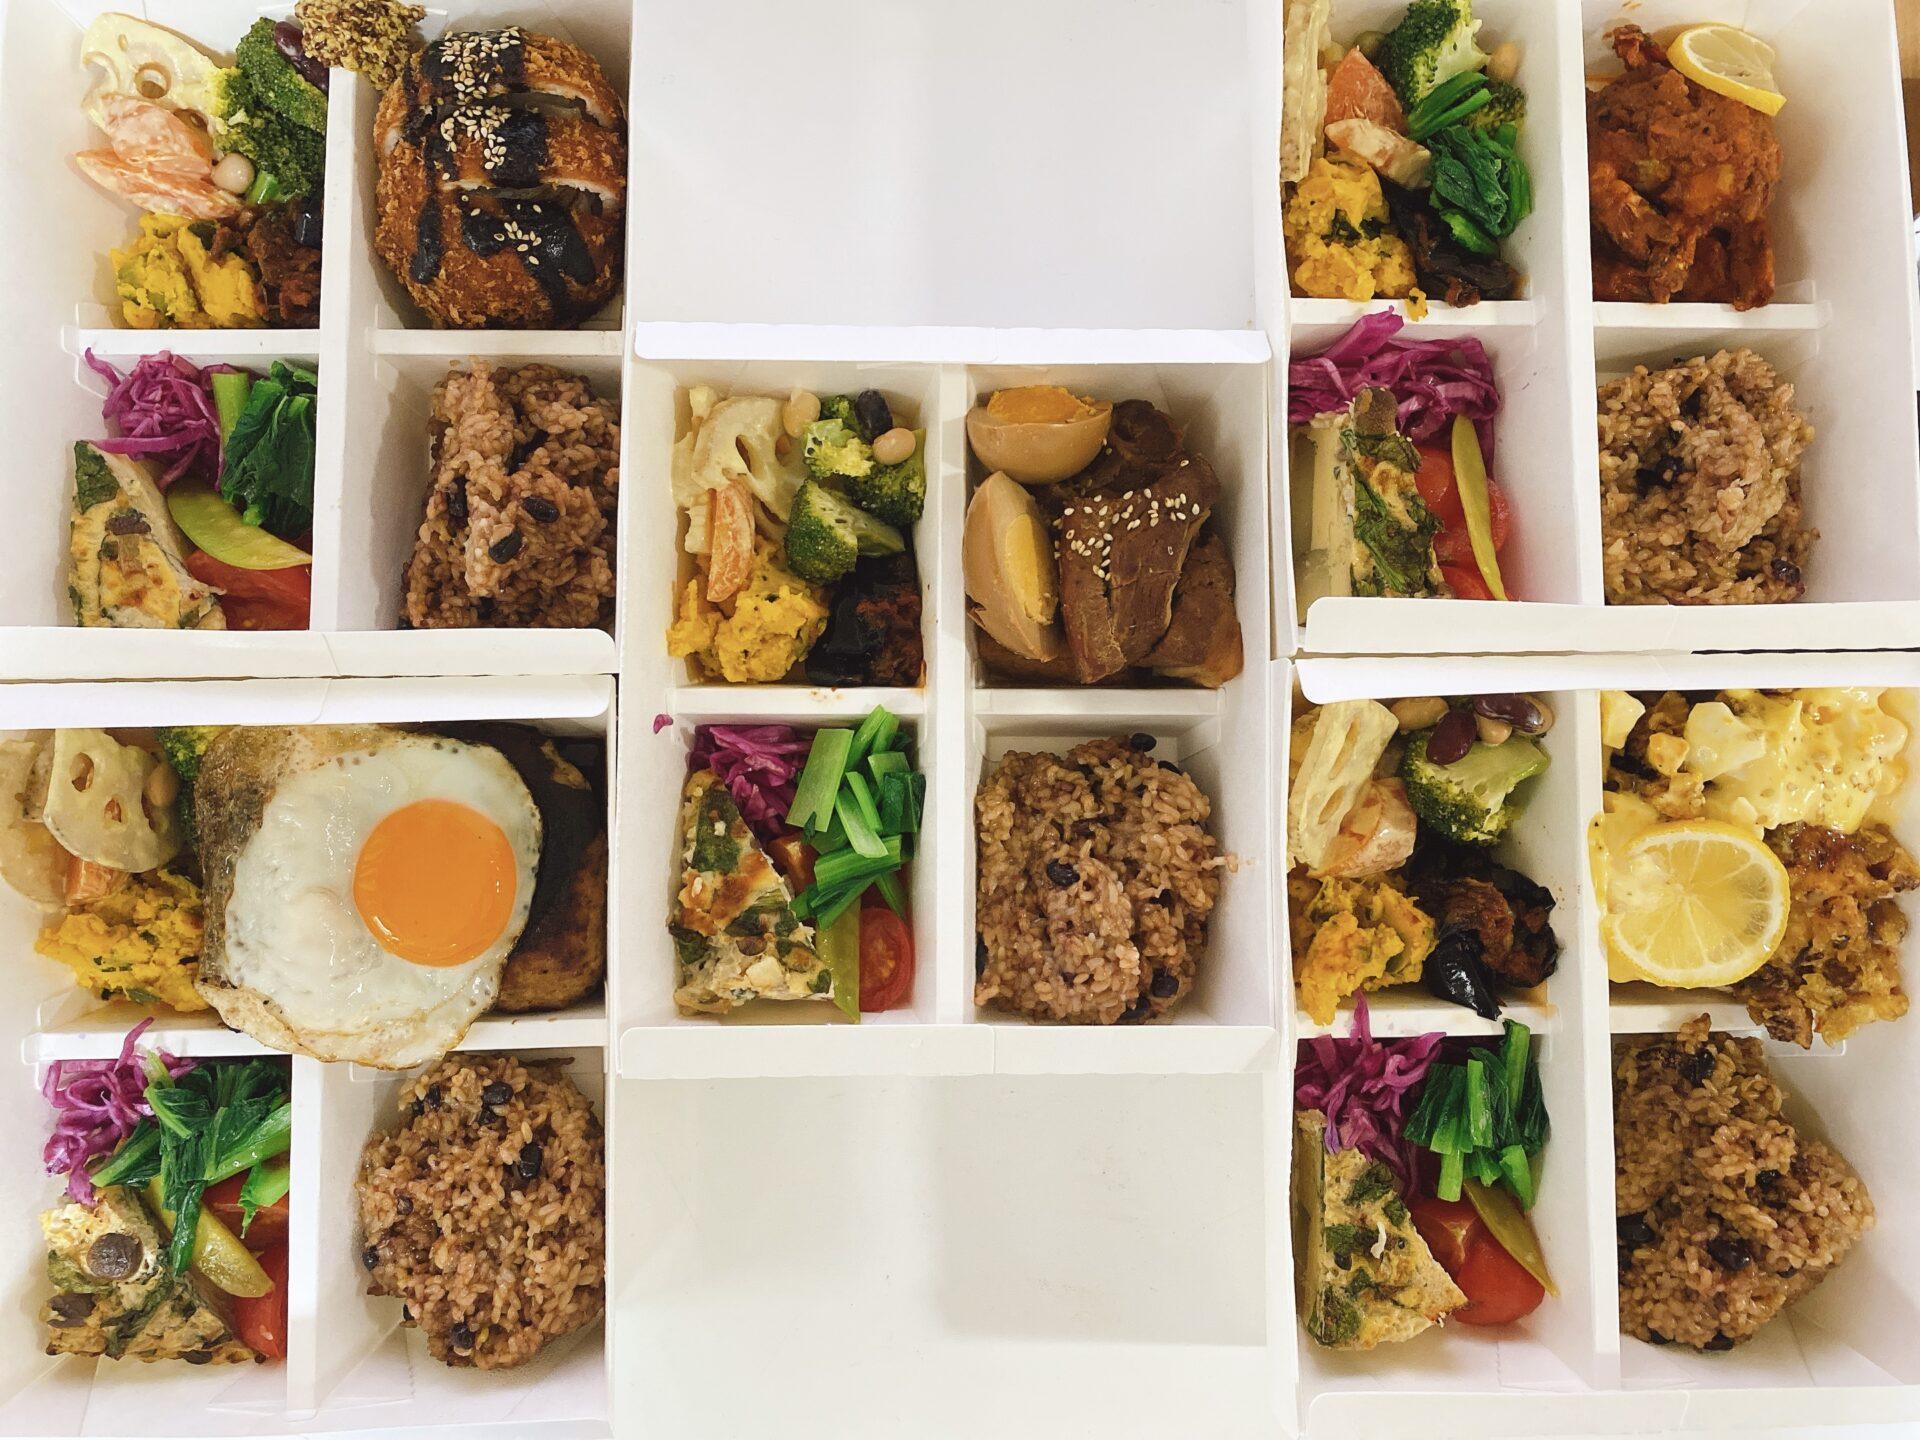 【岡山市南区のテイクアウト】trees(ツリーズ)岡南店にて地元野菜をふんだんに使ったランチの弁当を5種類注文!コレはオススメ!